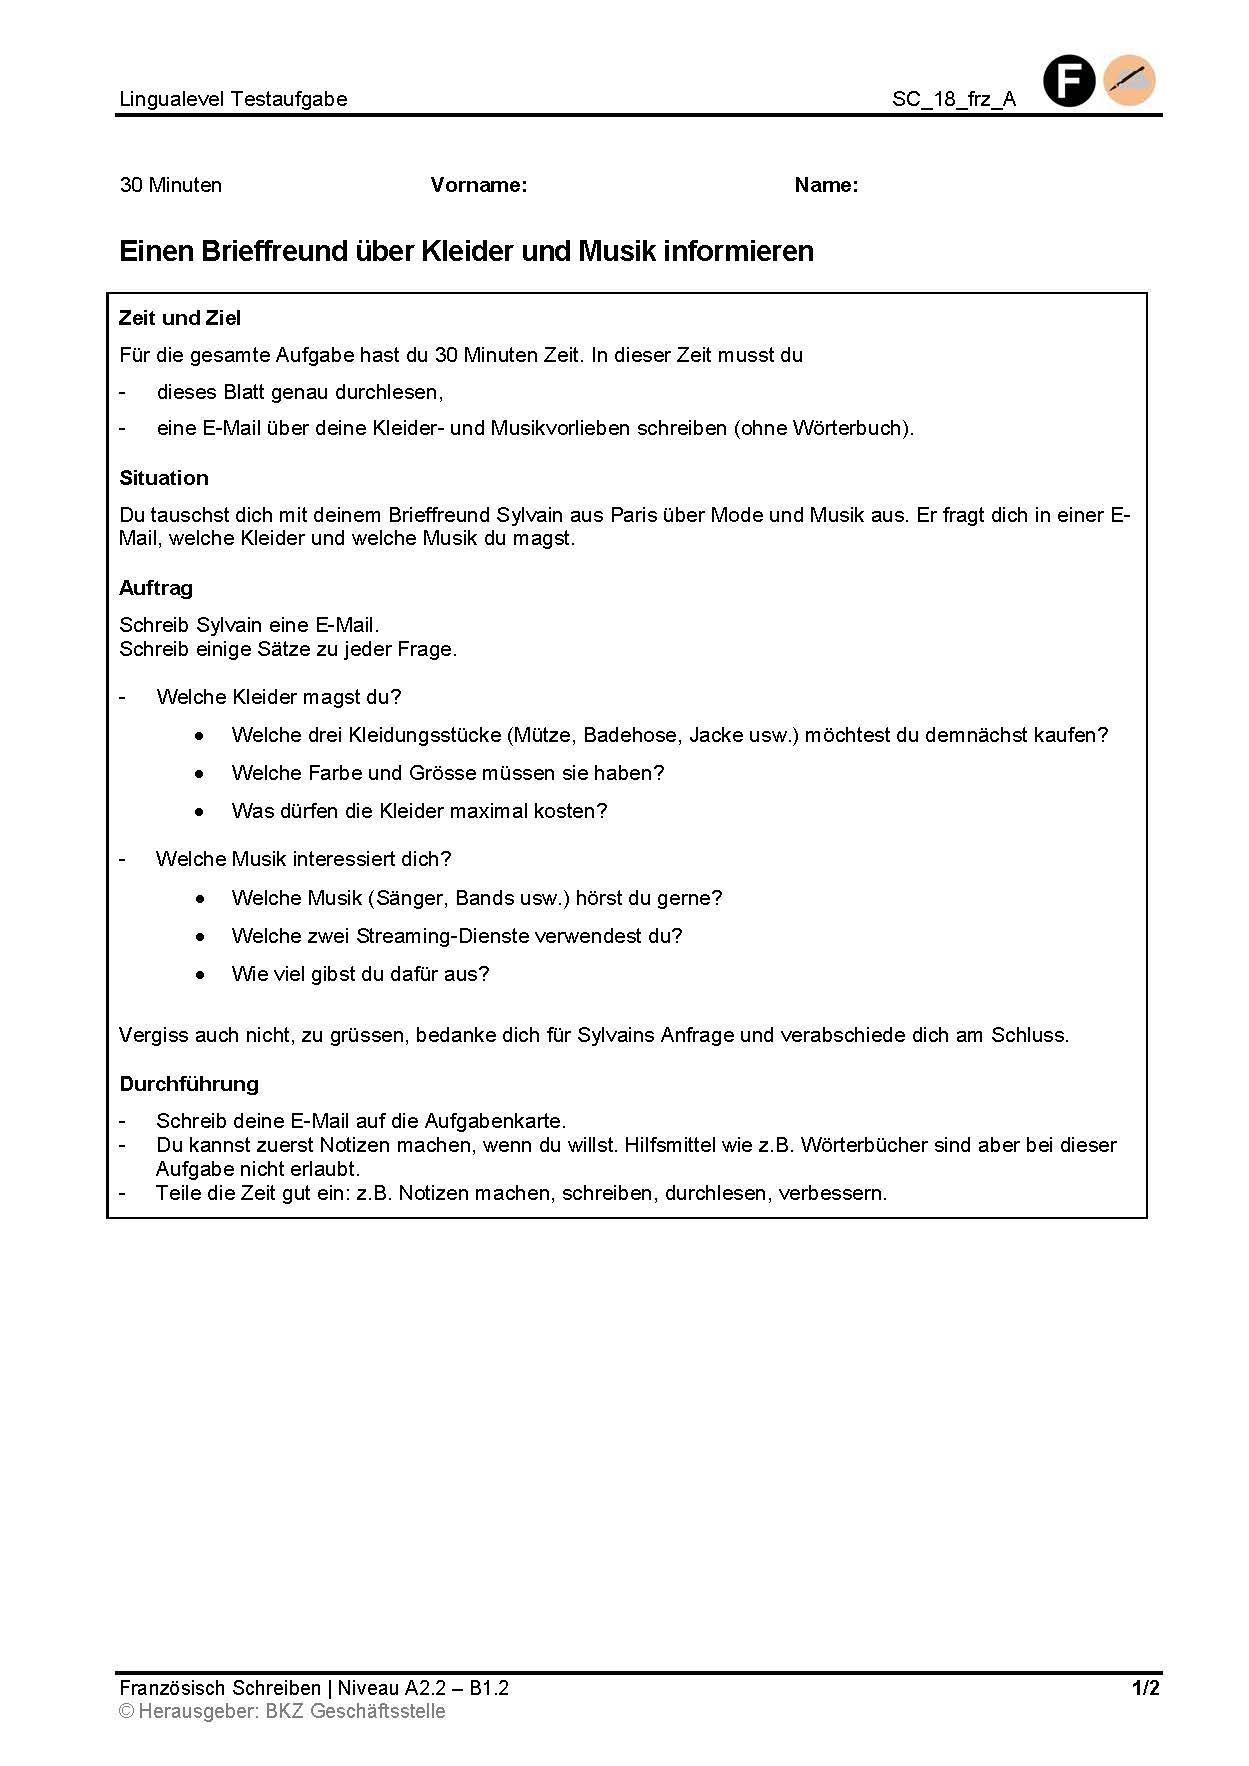 Preview image for LOM object Einen Brieffreund über Kleider und Musik informieren